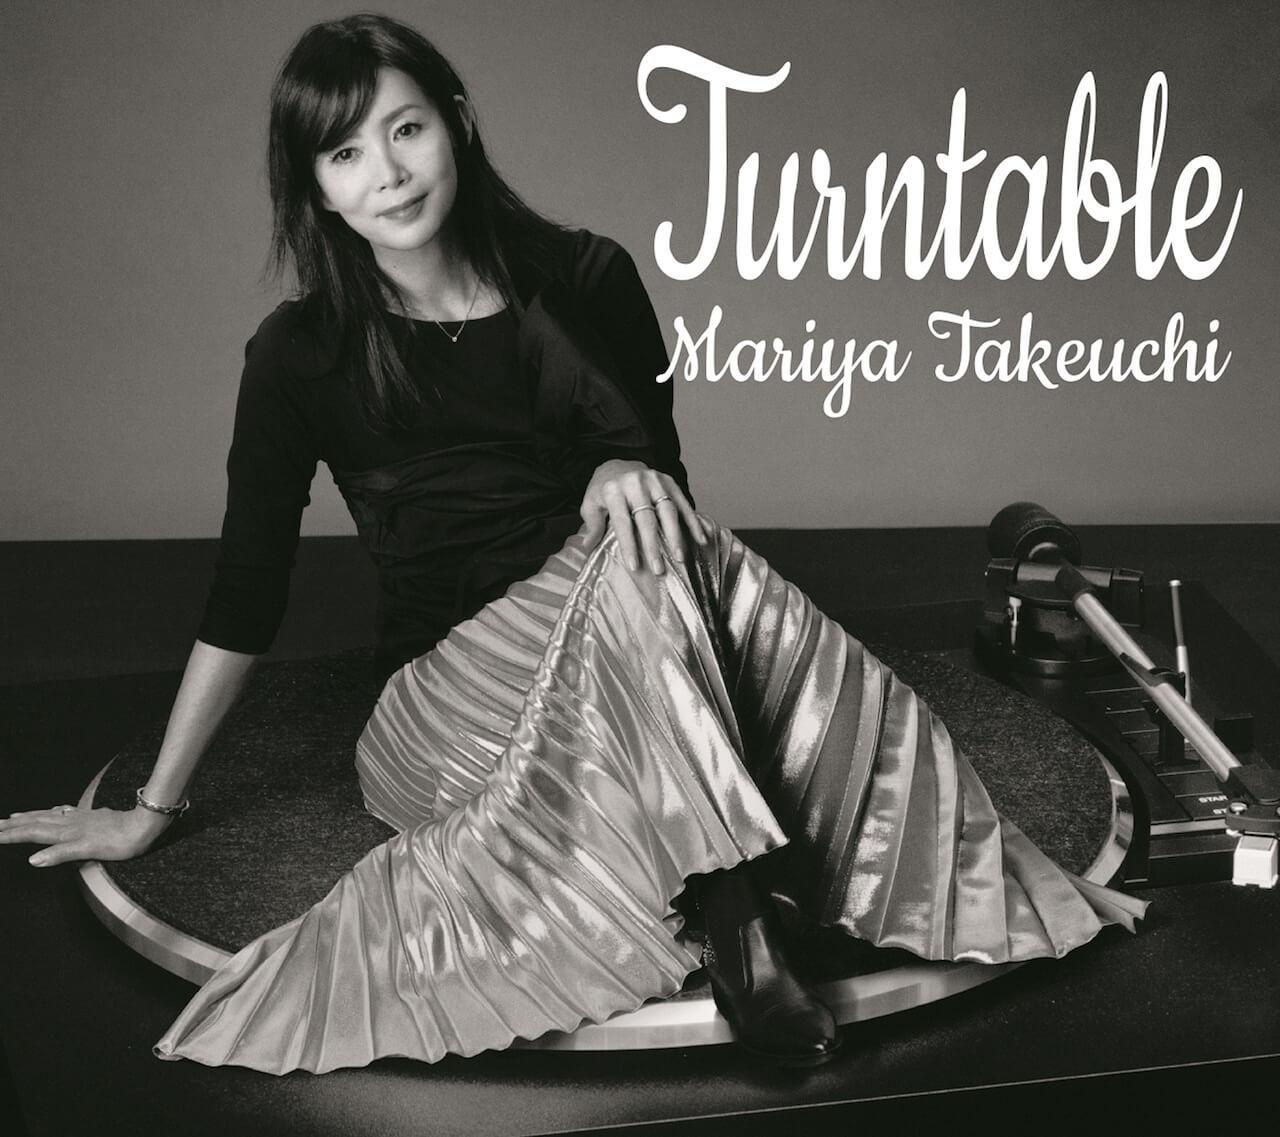 竹内まりや、昭和・平成・令和、3時代での1位獲得 女性アーティスト初の快挙で、「⼥性最年⻑1位獲得アーティスト」に music190917-mariya40th-2